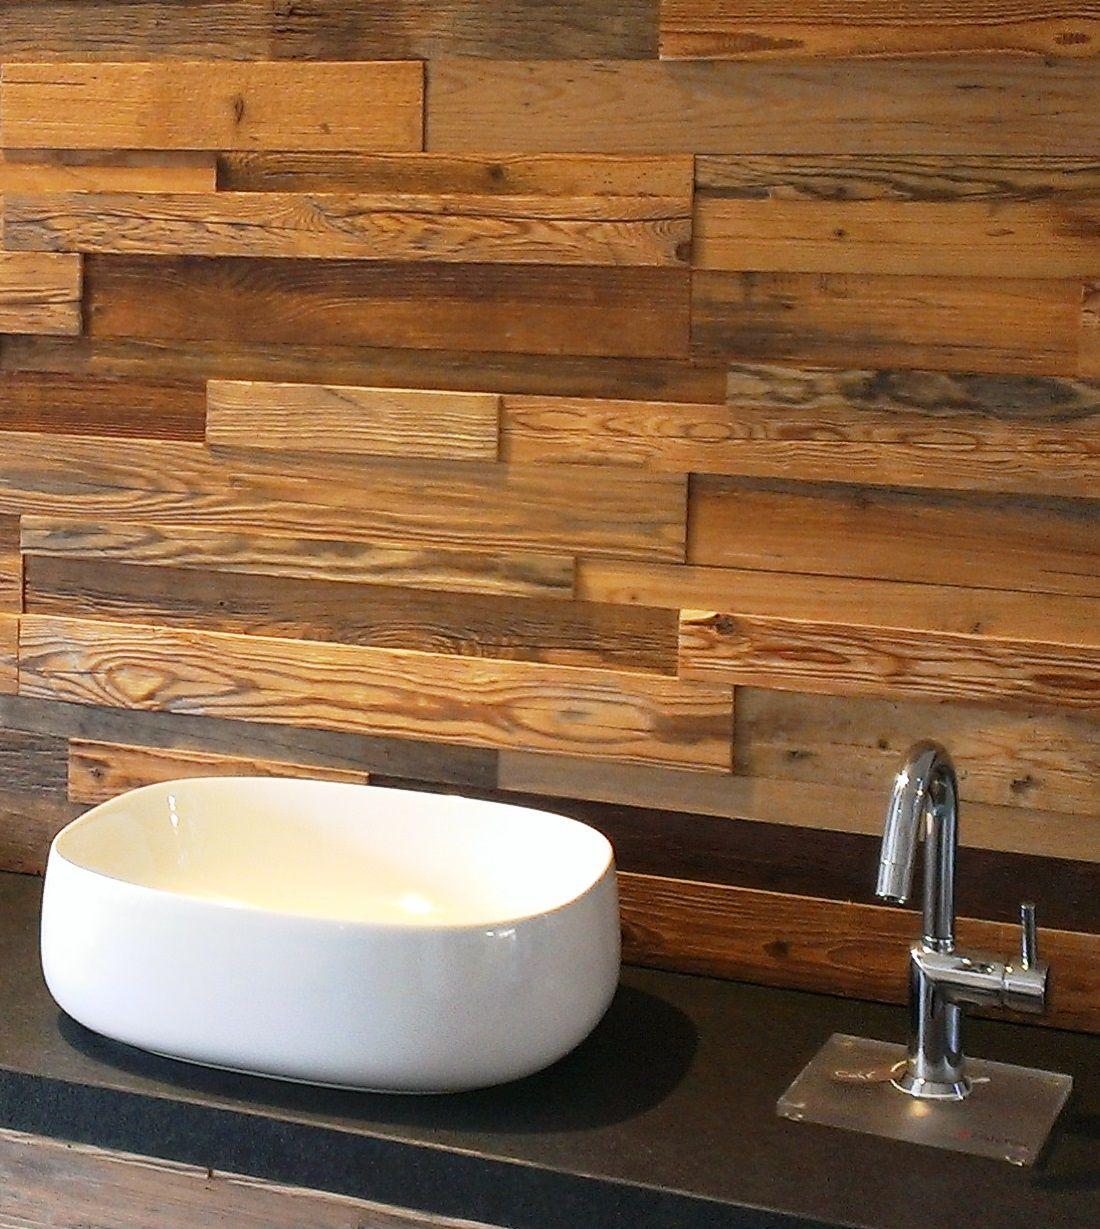 Waschbecken Holzwand Wasserhahn   Holzwand bad, Holzwand ...